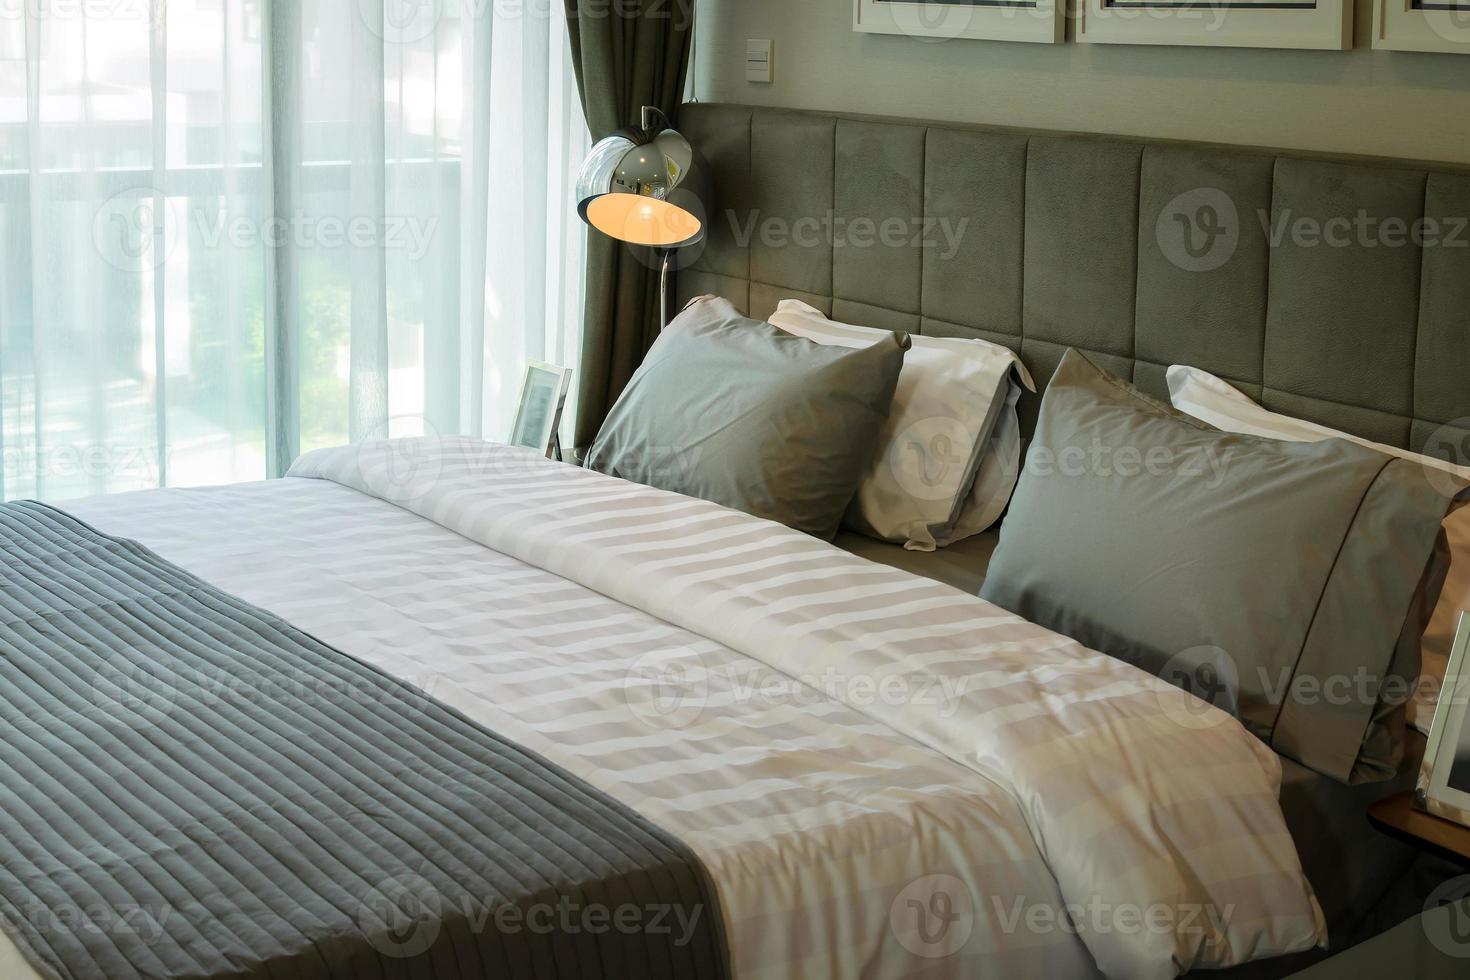 lámpara de escritorio de metal y almohada gris en la cama foto